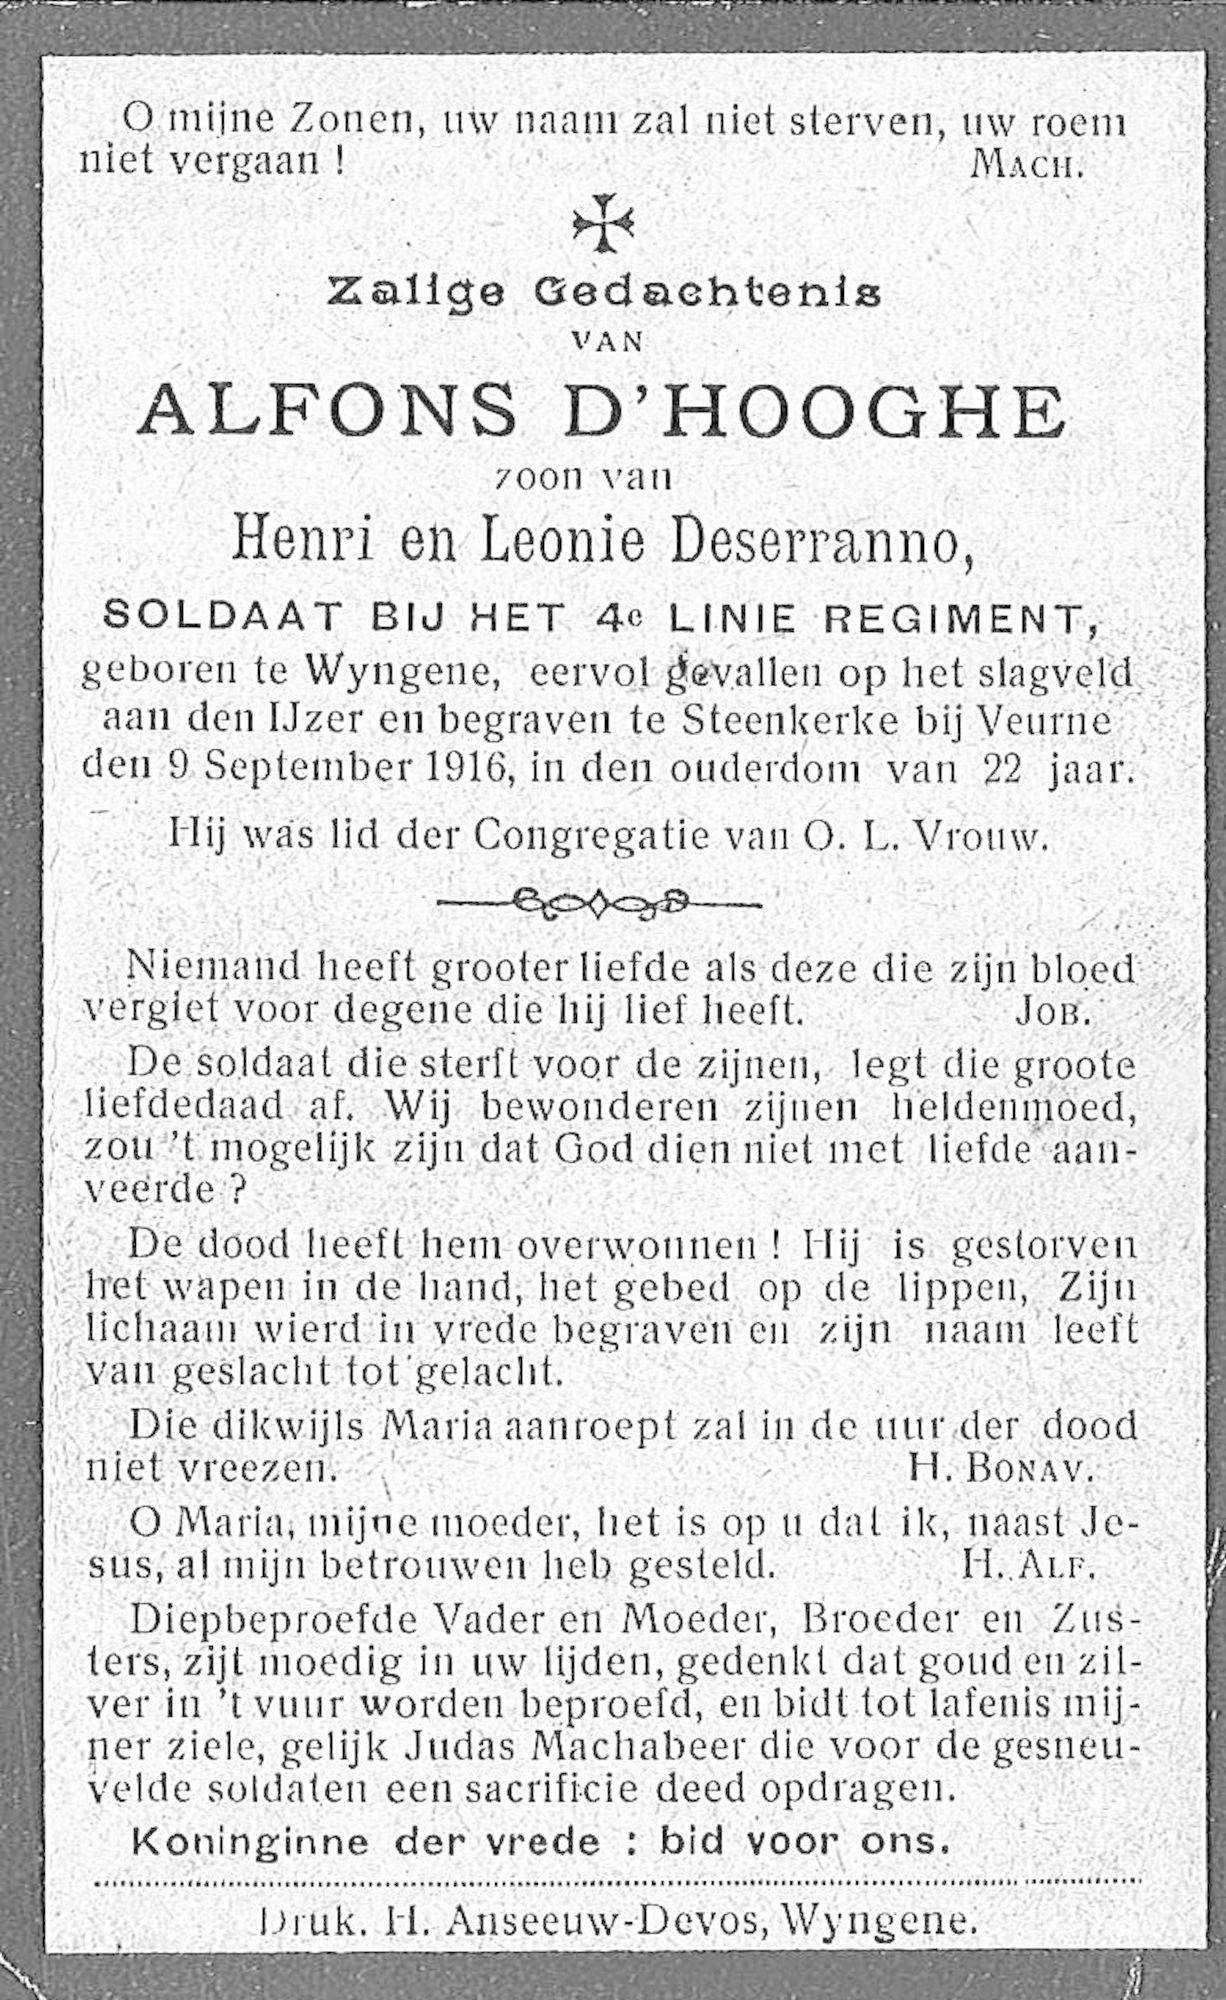 Alfons D'Hooghe